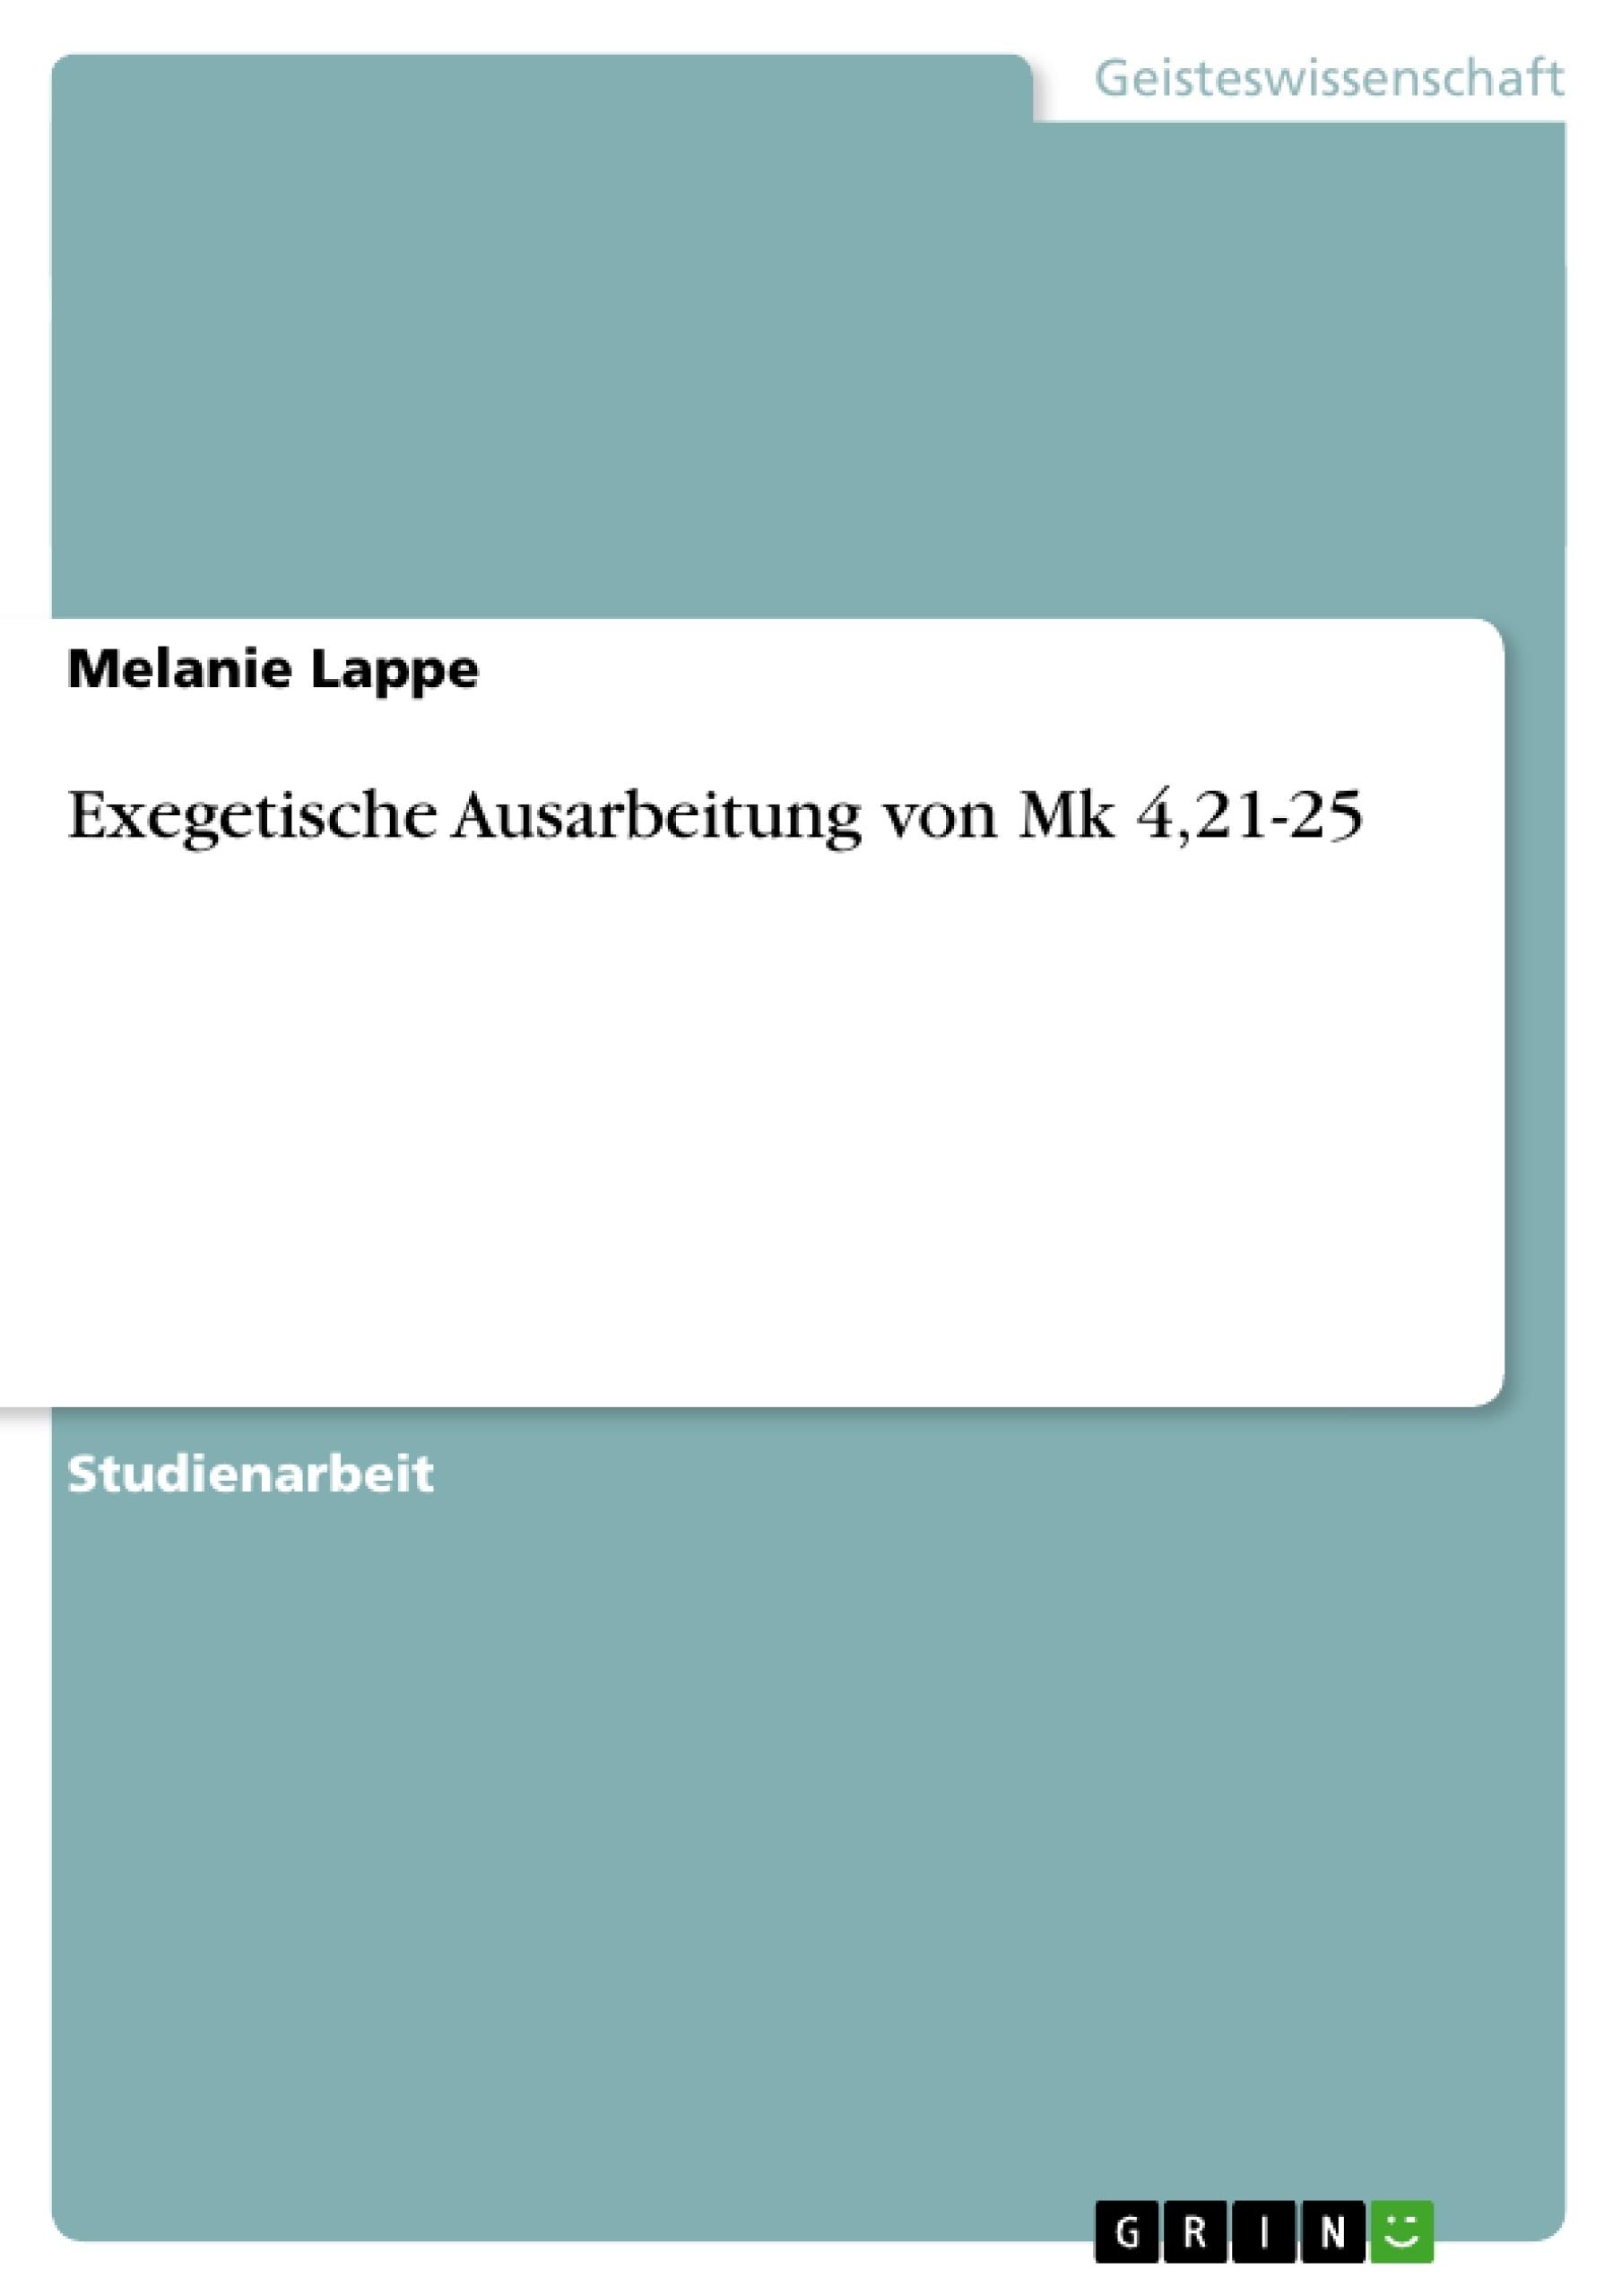 Titel: Exegetische Ausarbeitung von Mk 4,21-25